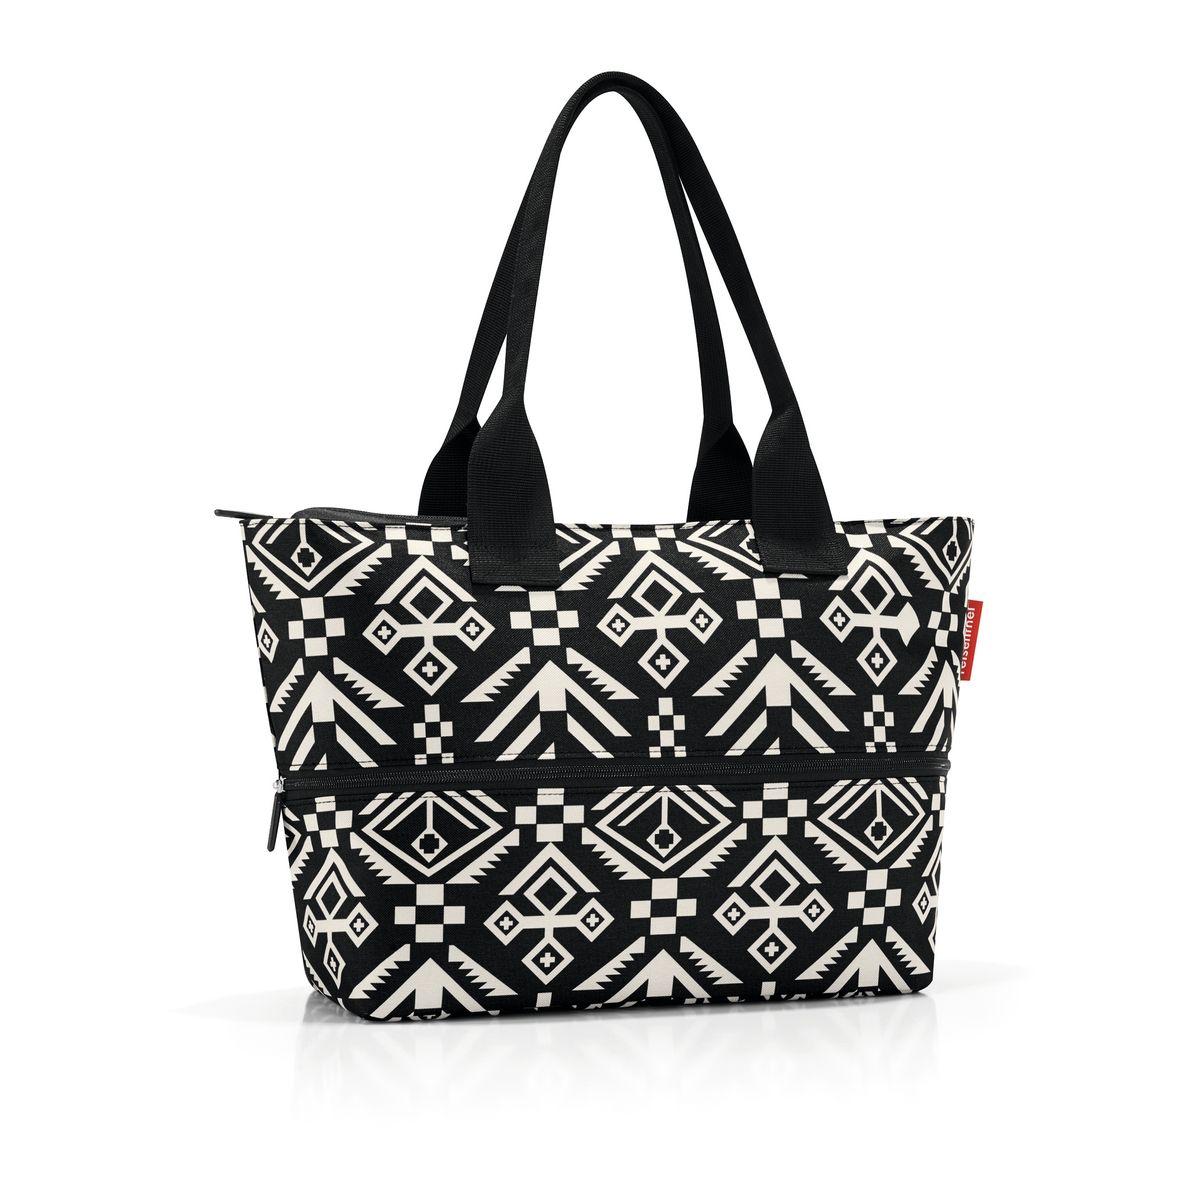 Сумка-шоппер женская Reisenthel Shopper E1 hopi, цвет: черный. RJ7034